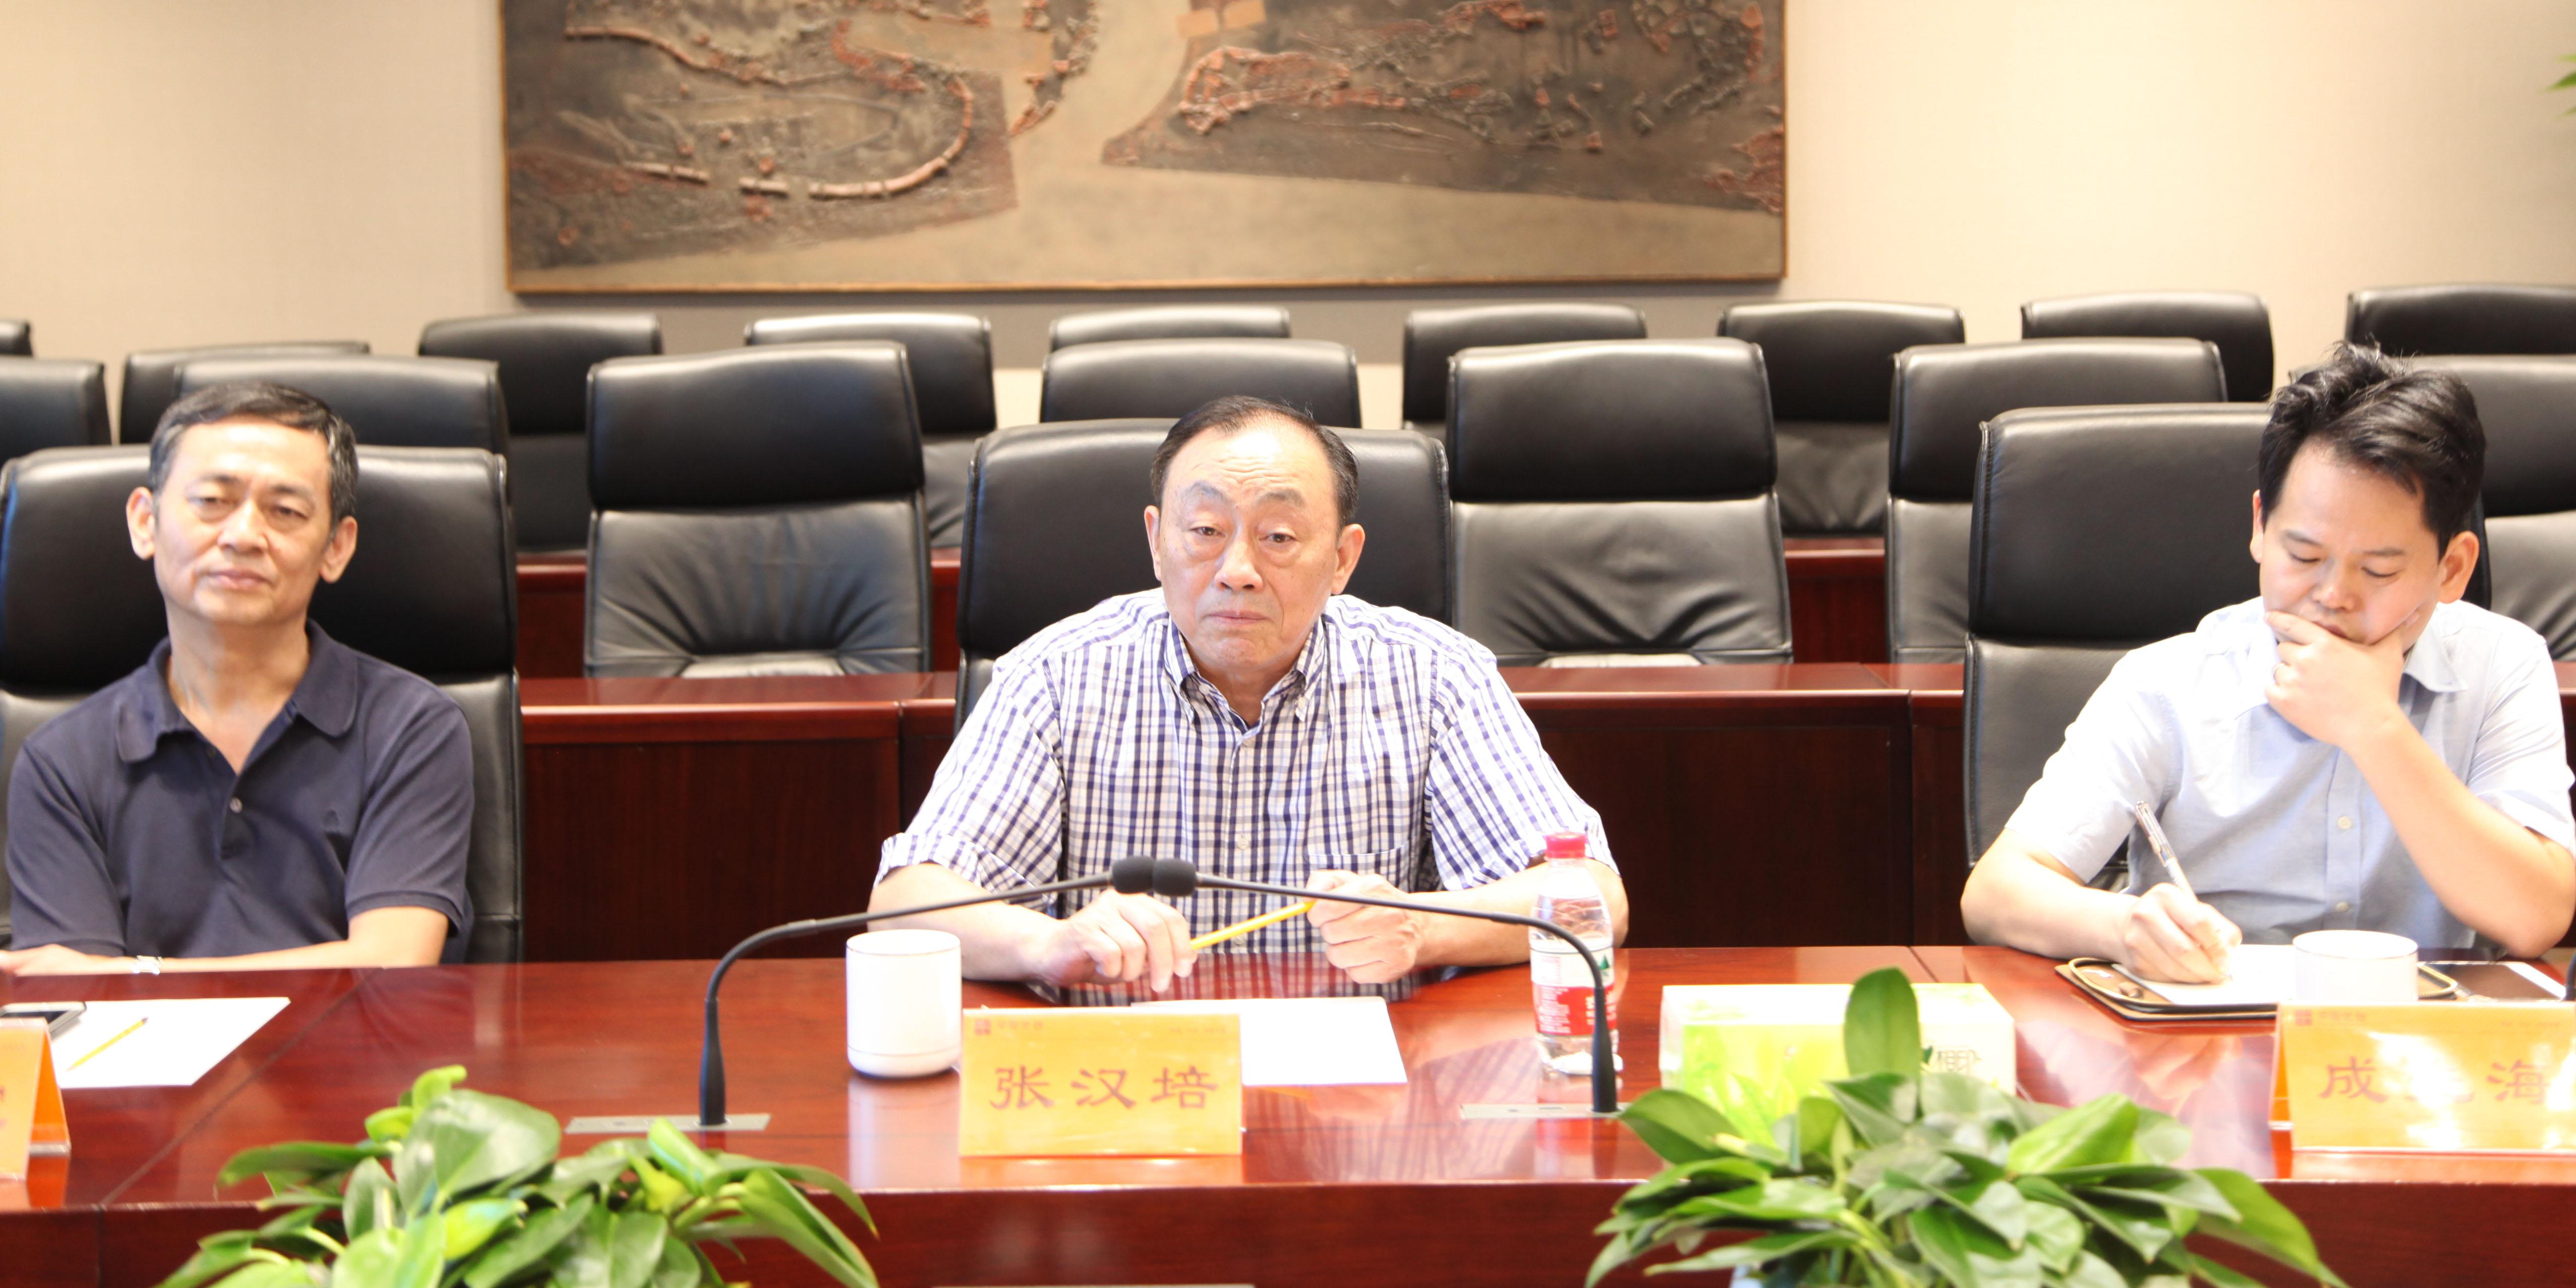 张汉培会长讲话 (2).JPG